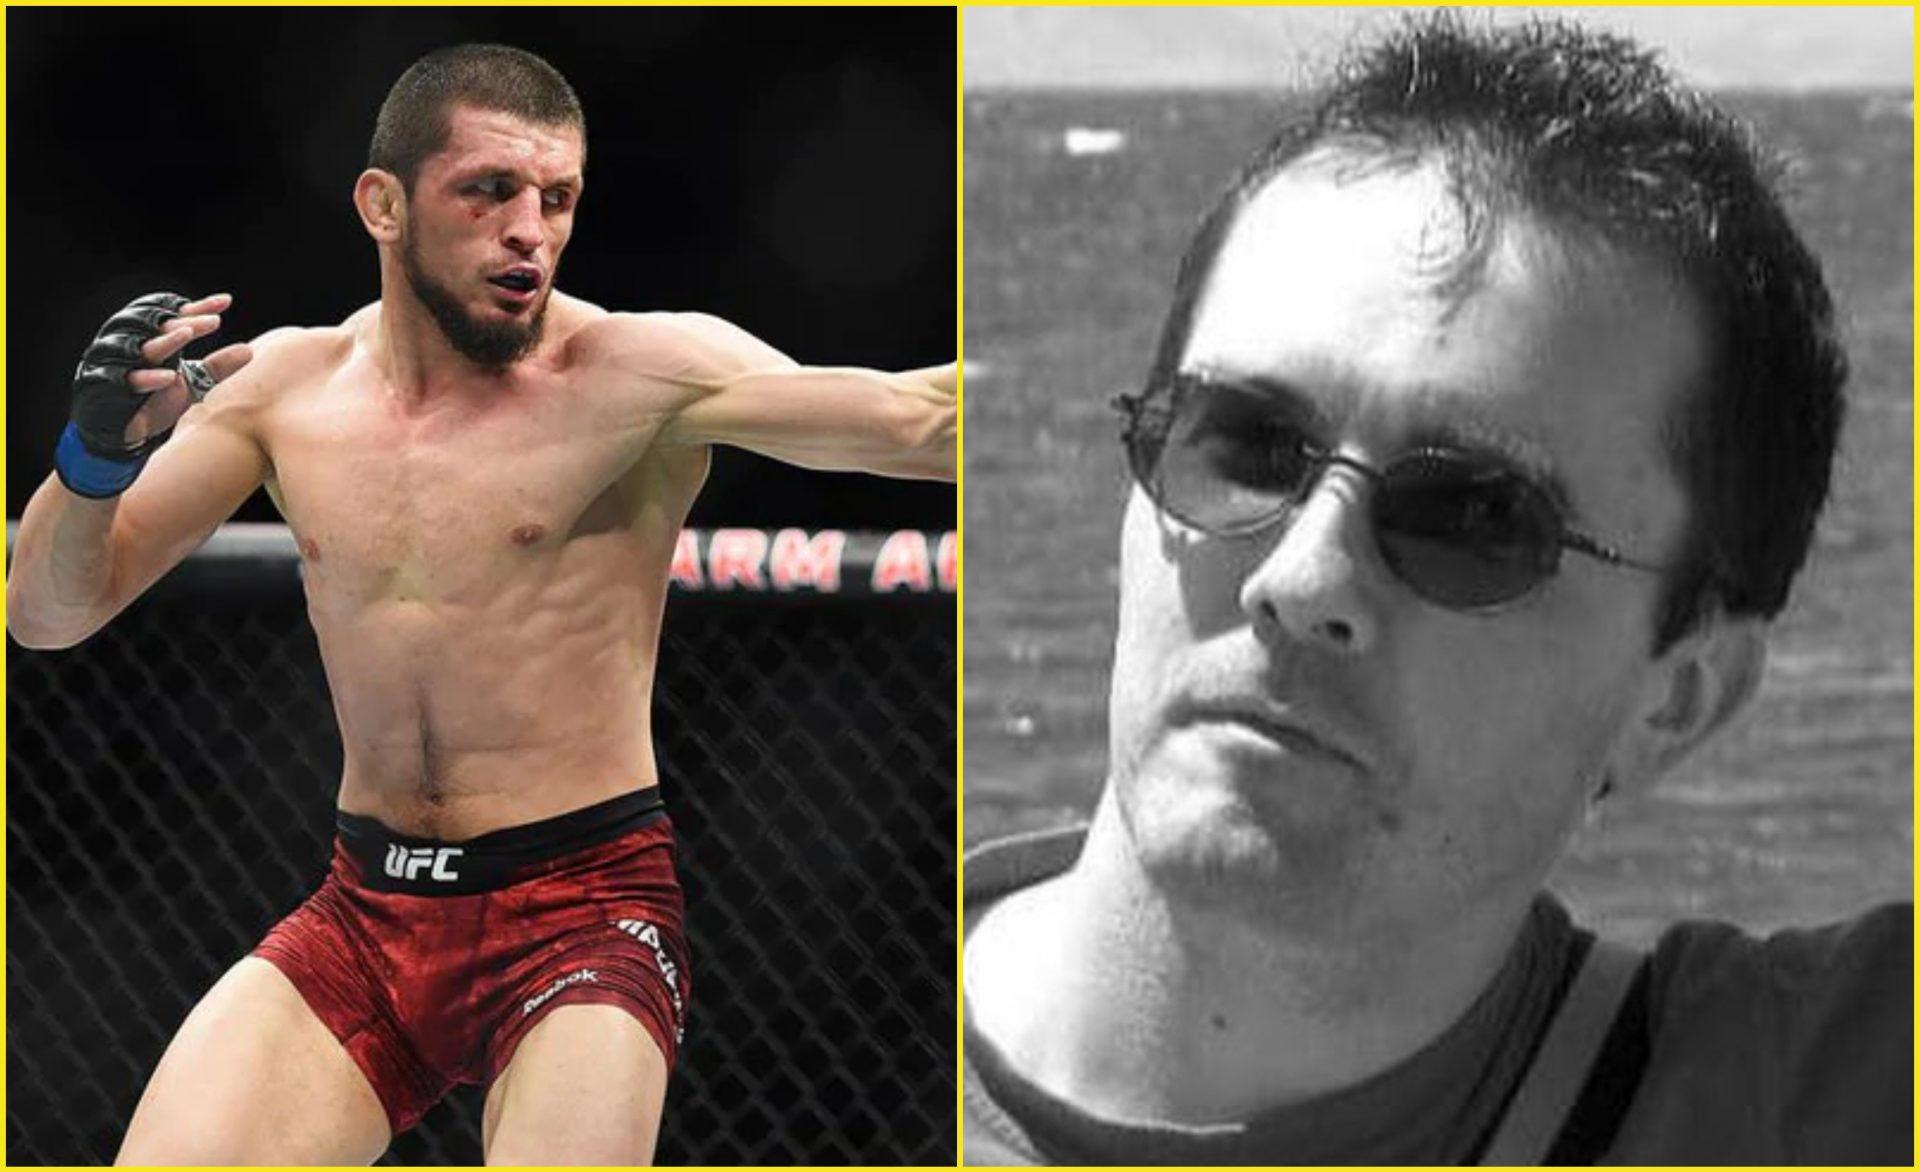 Former UFC fighter Zelim Imadaev praises Chechen teen who beheaded teacher in France - Imadaev